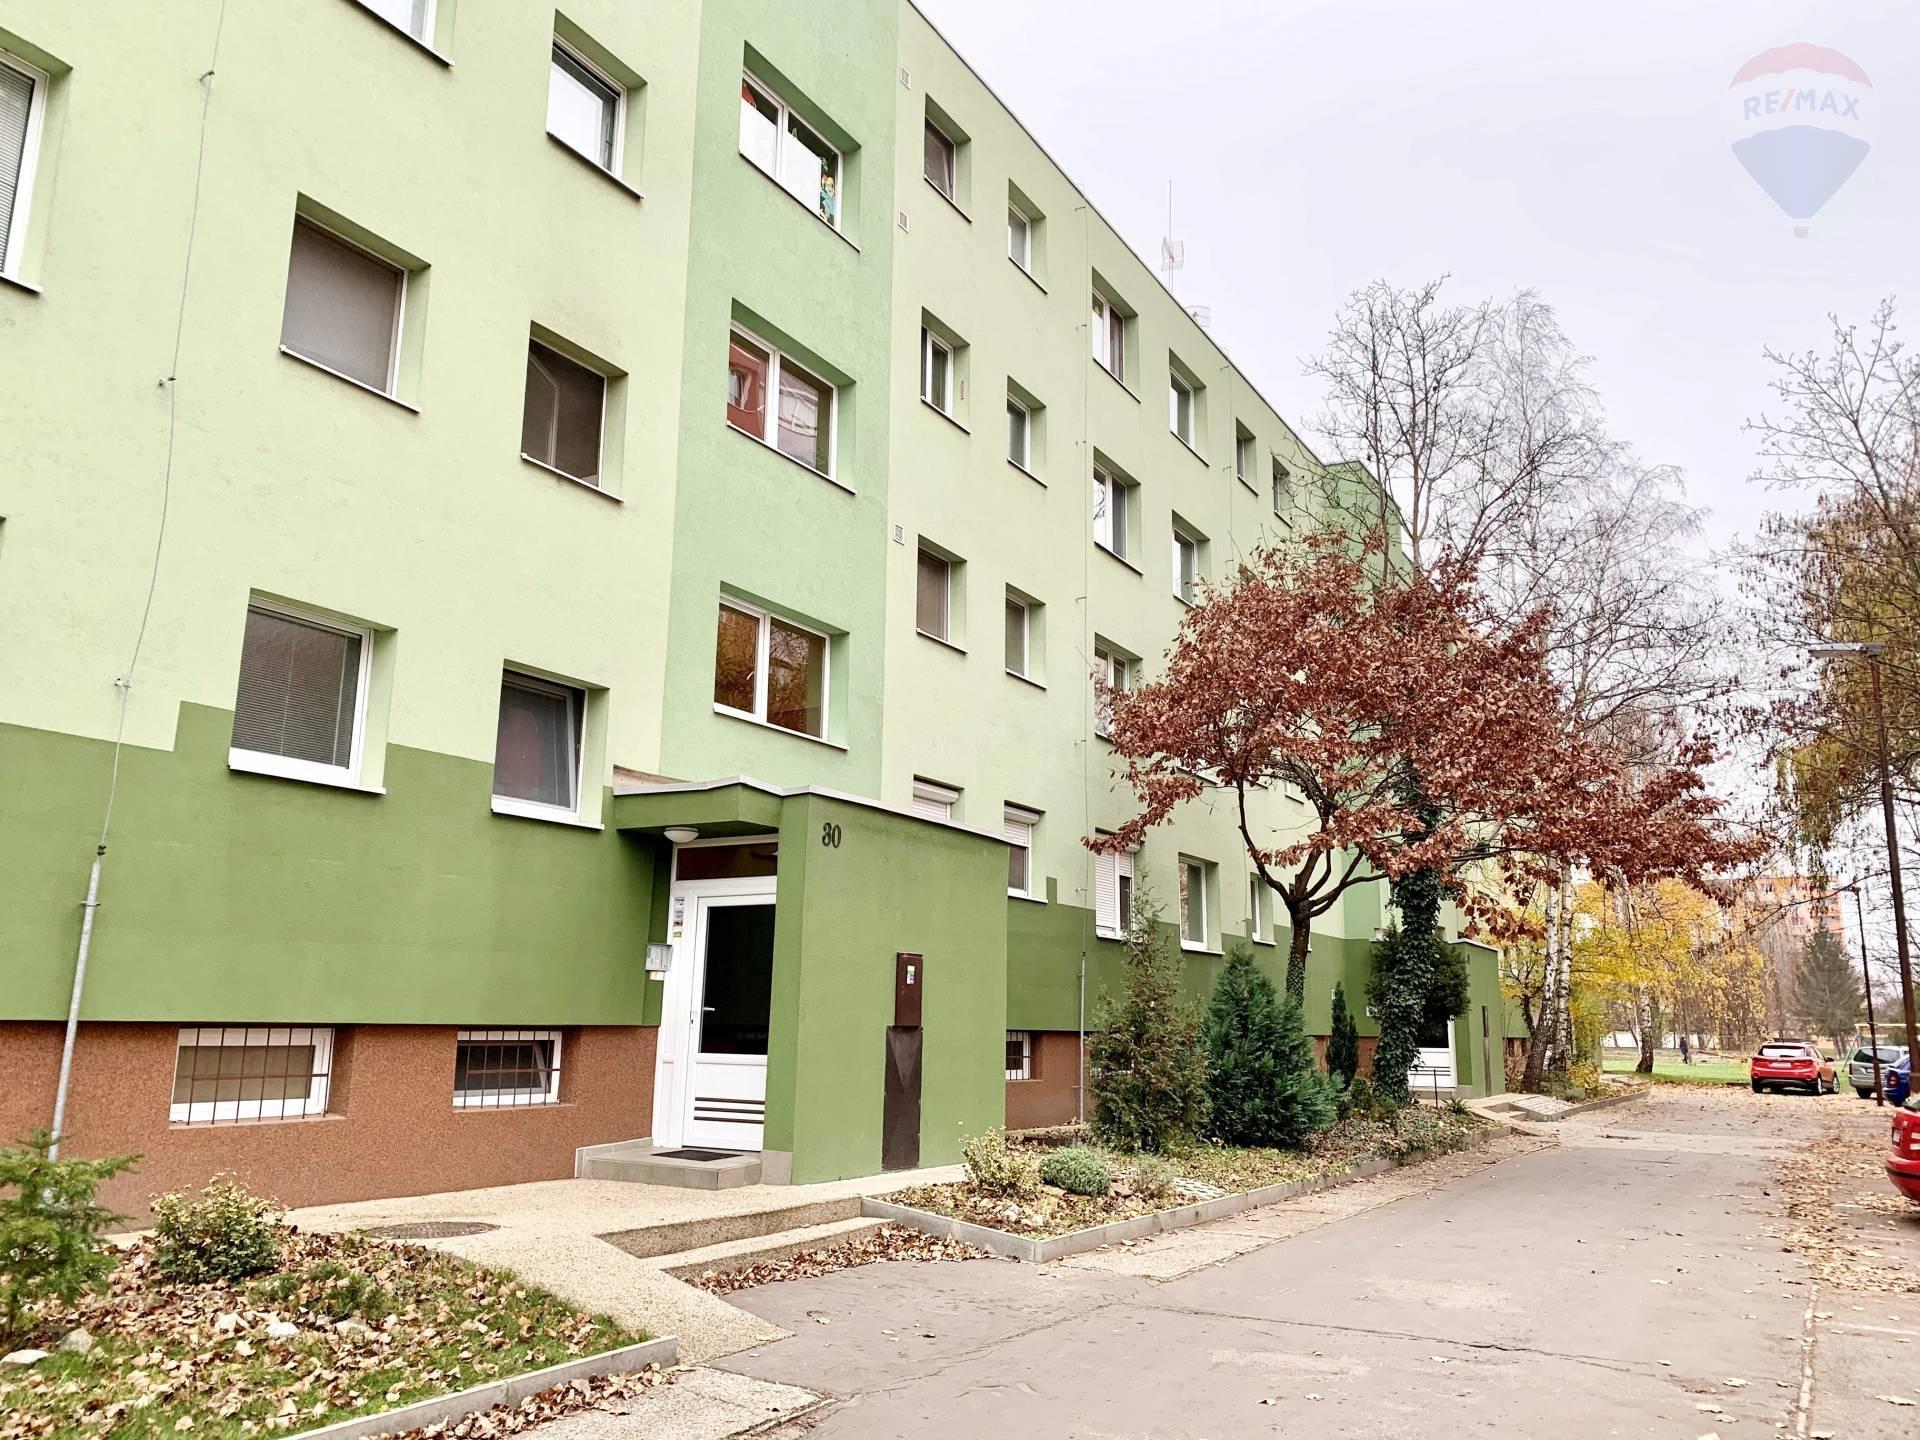 Predaj 3 izbového bytu v Dunajskej Strede, 70 m2, Smetanov háj, po rekonštrukcií, veľká pivnica